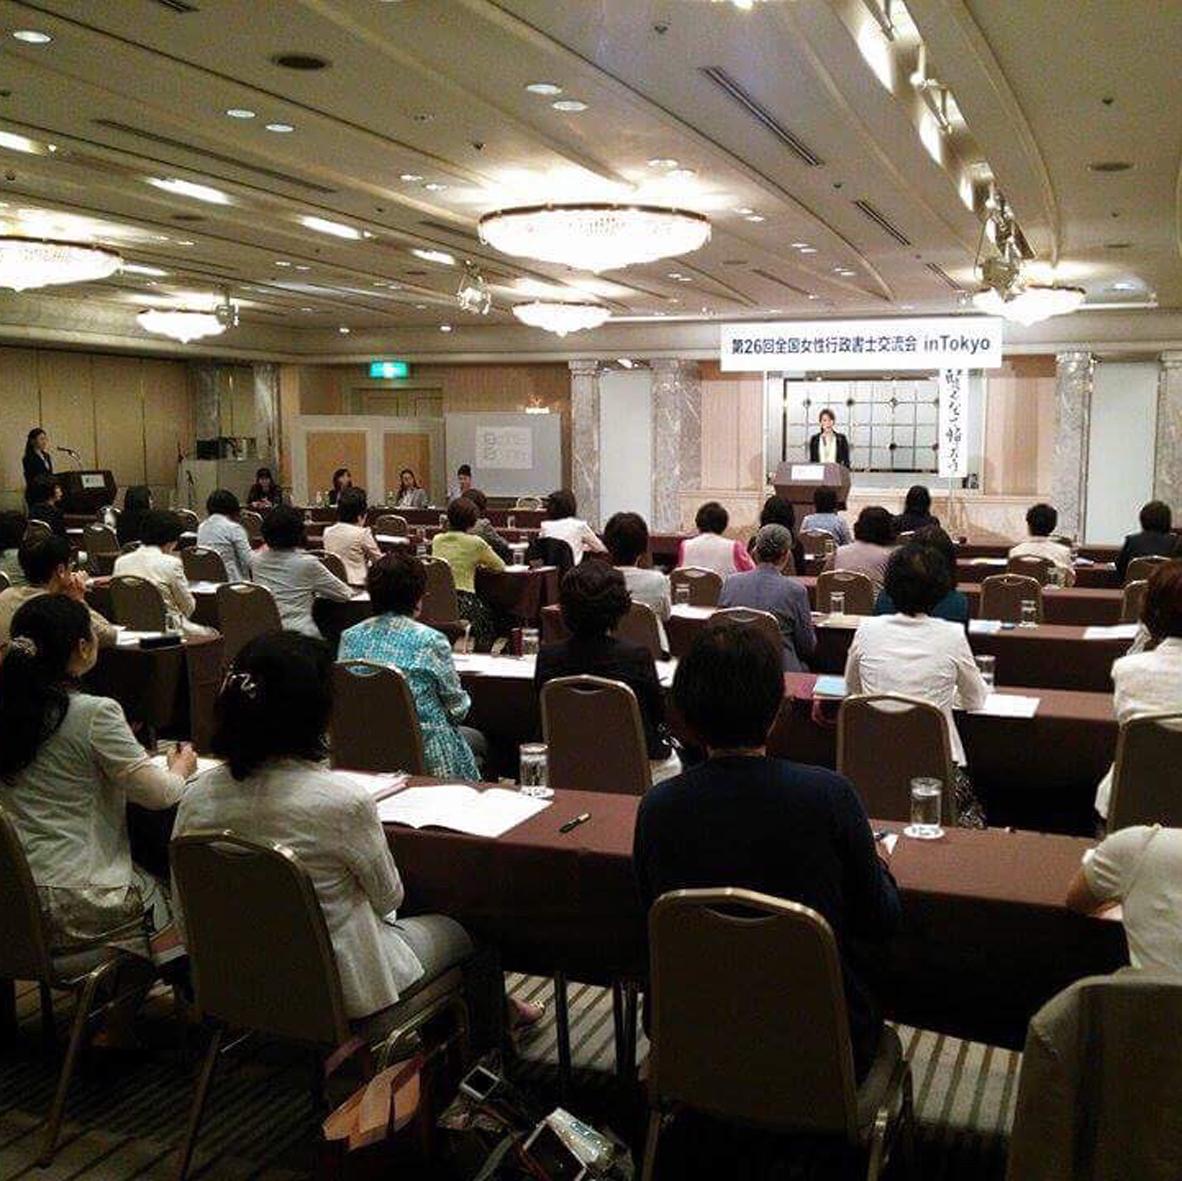 2015年7月 全国女性行政書士の会 全国大会 「性別の取り扱いの変更について」